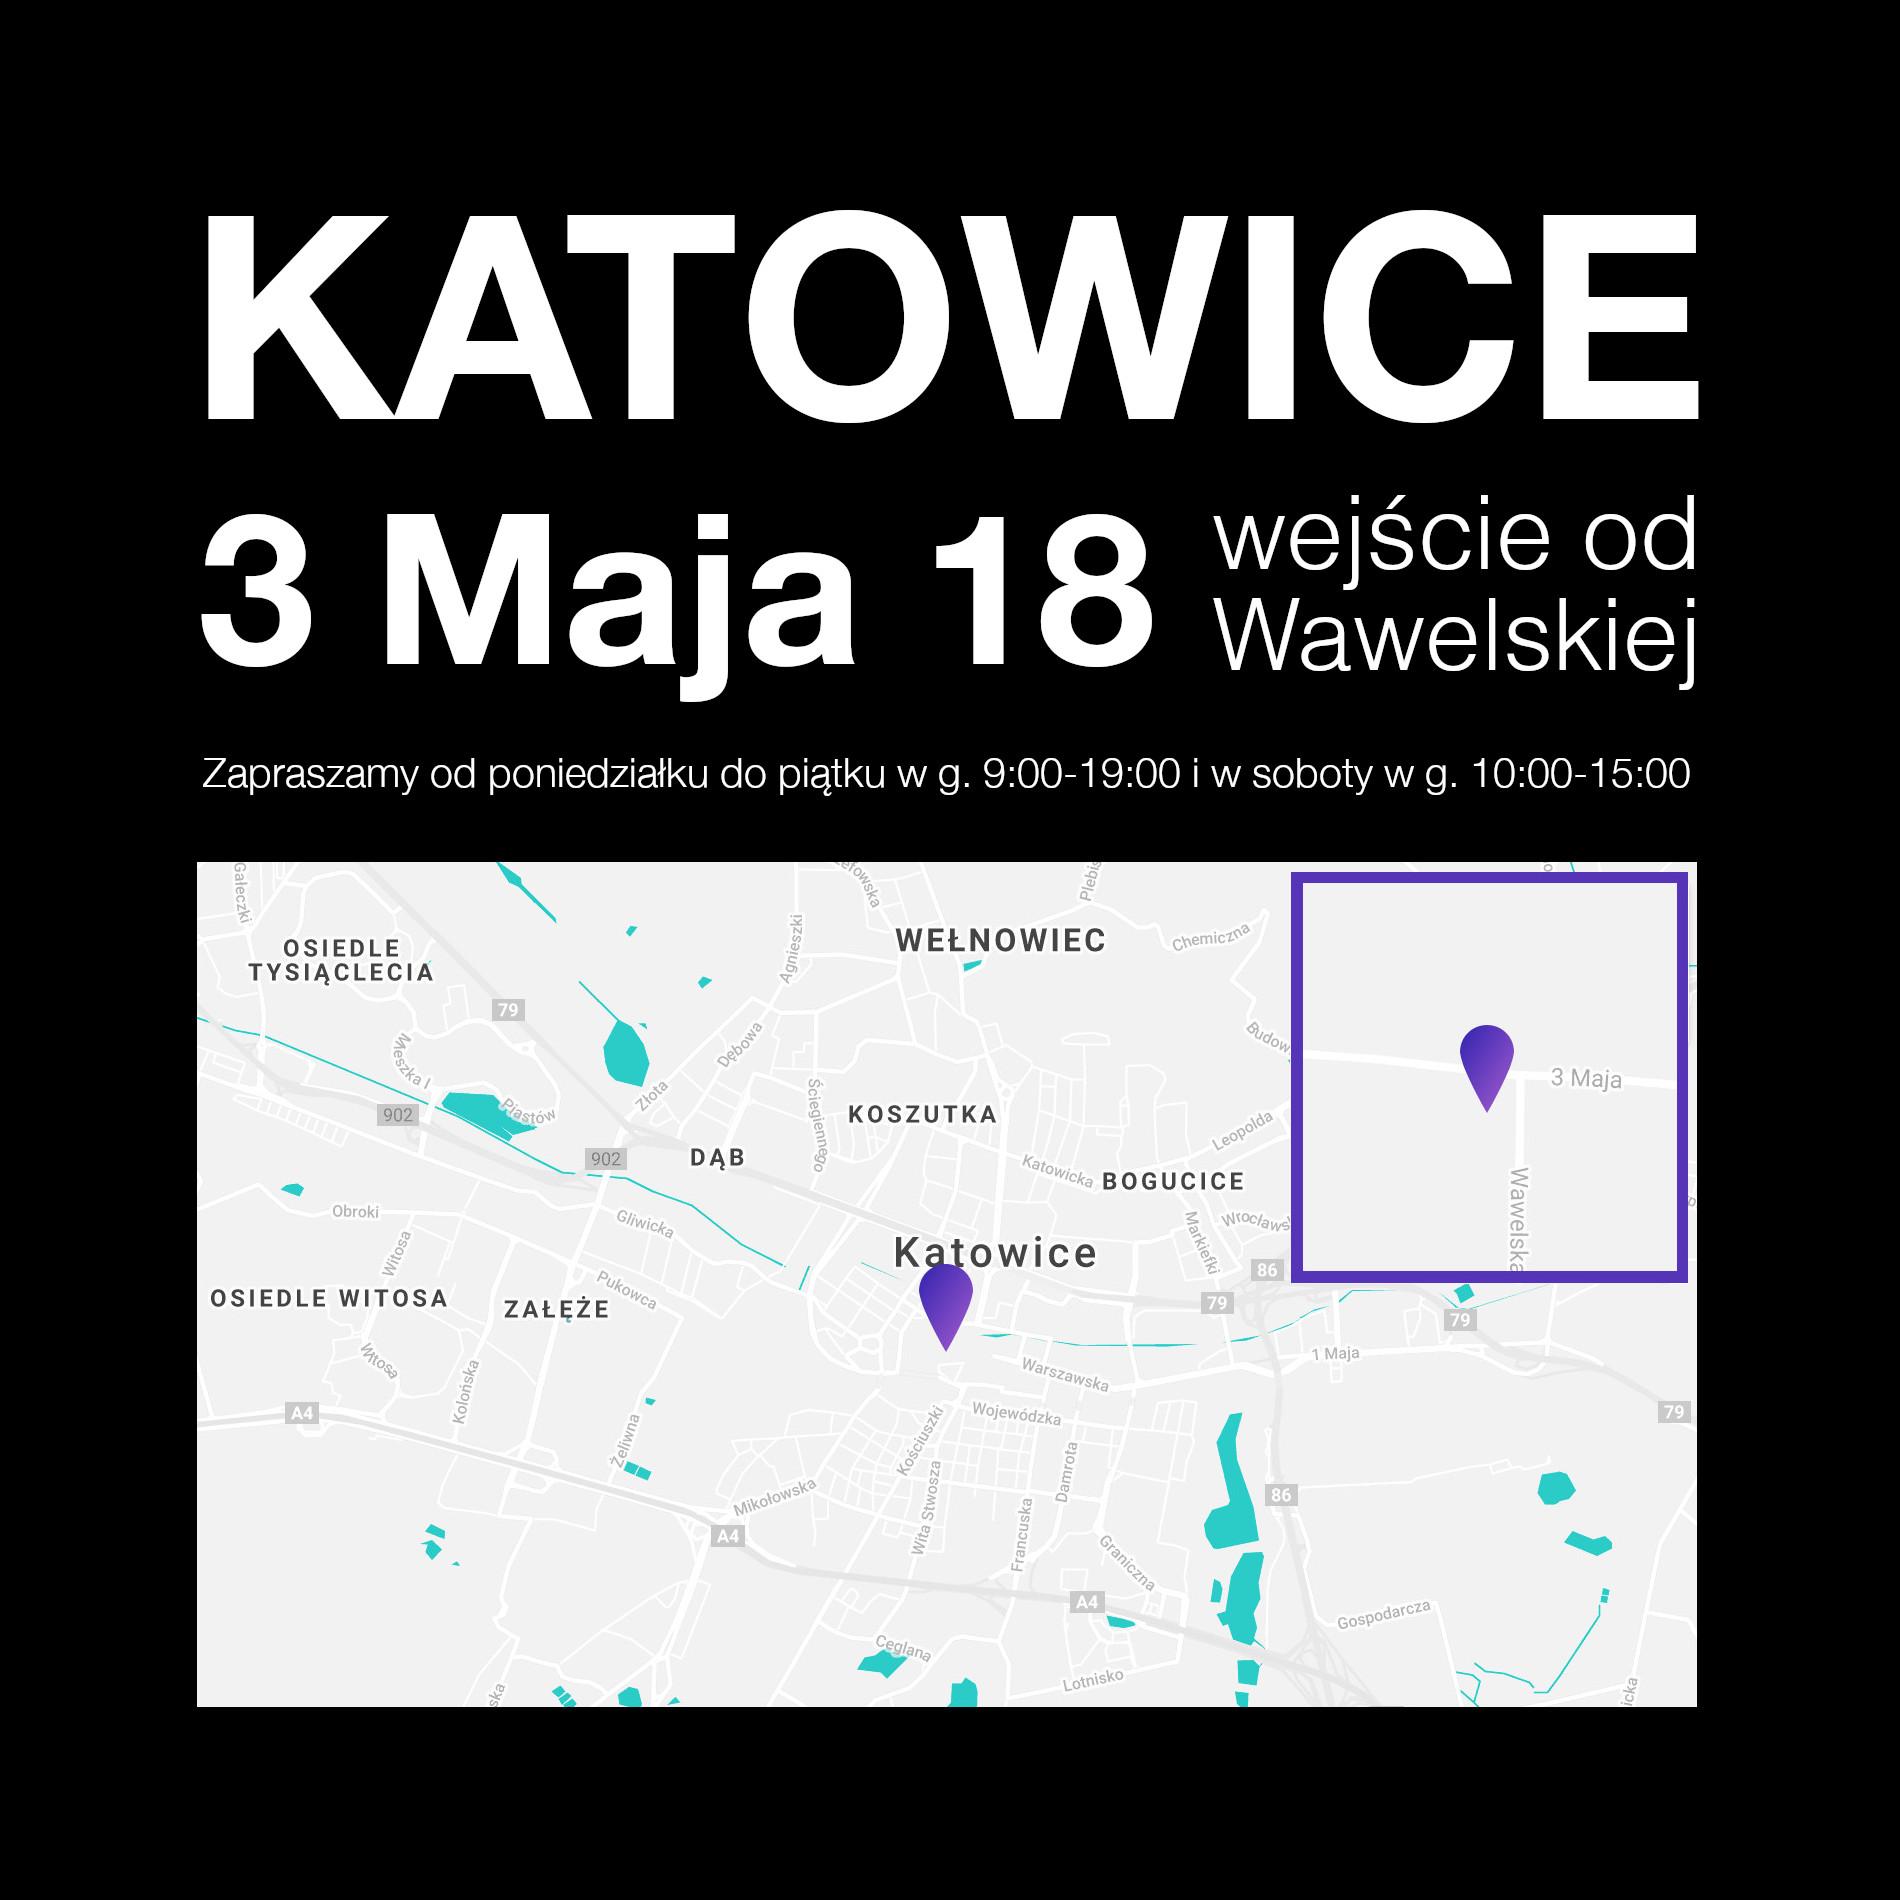 Nowy oddział Tavex – Katowice, 3 Maja 18, Wawelska